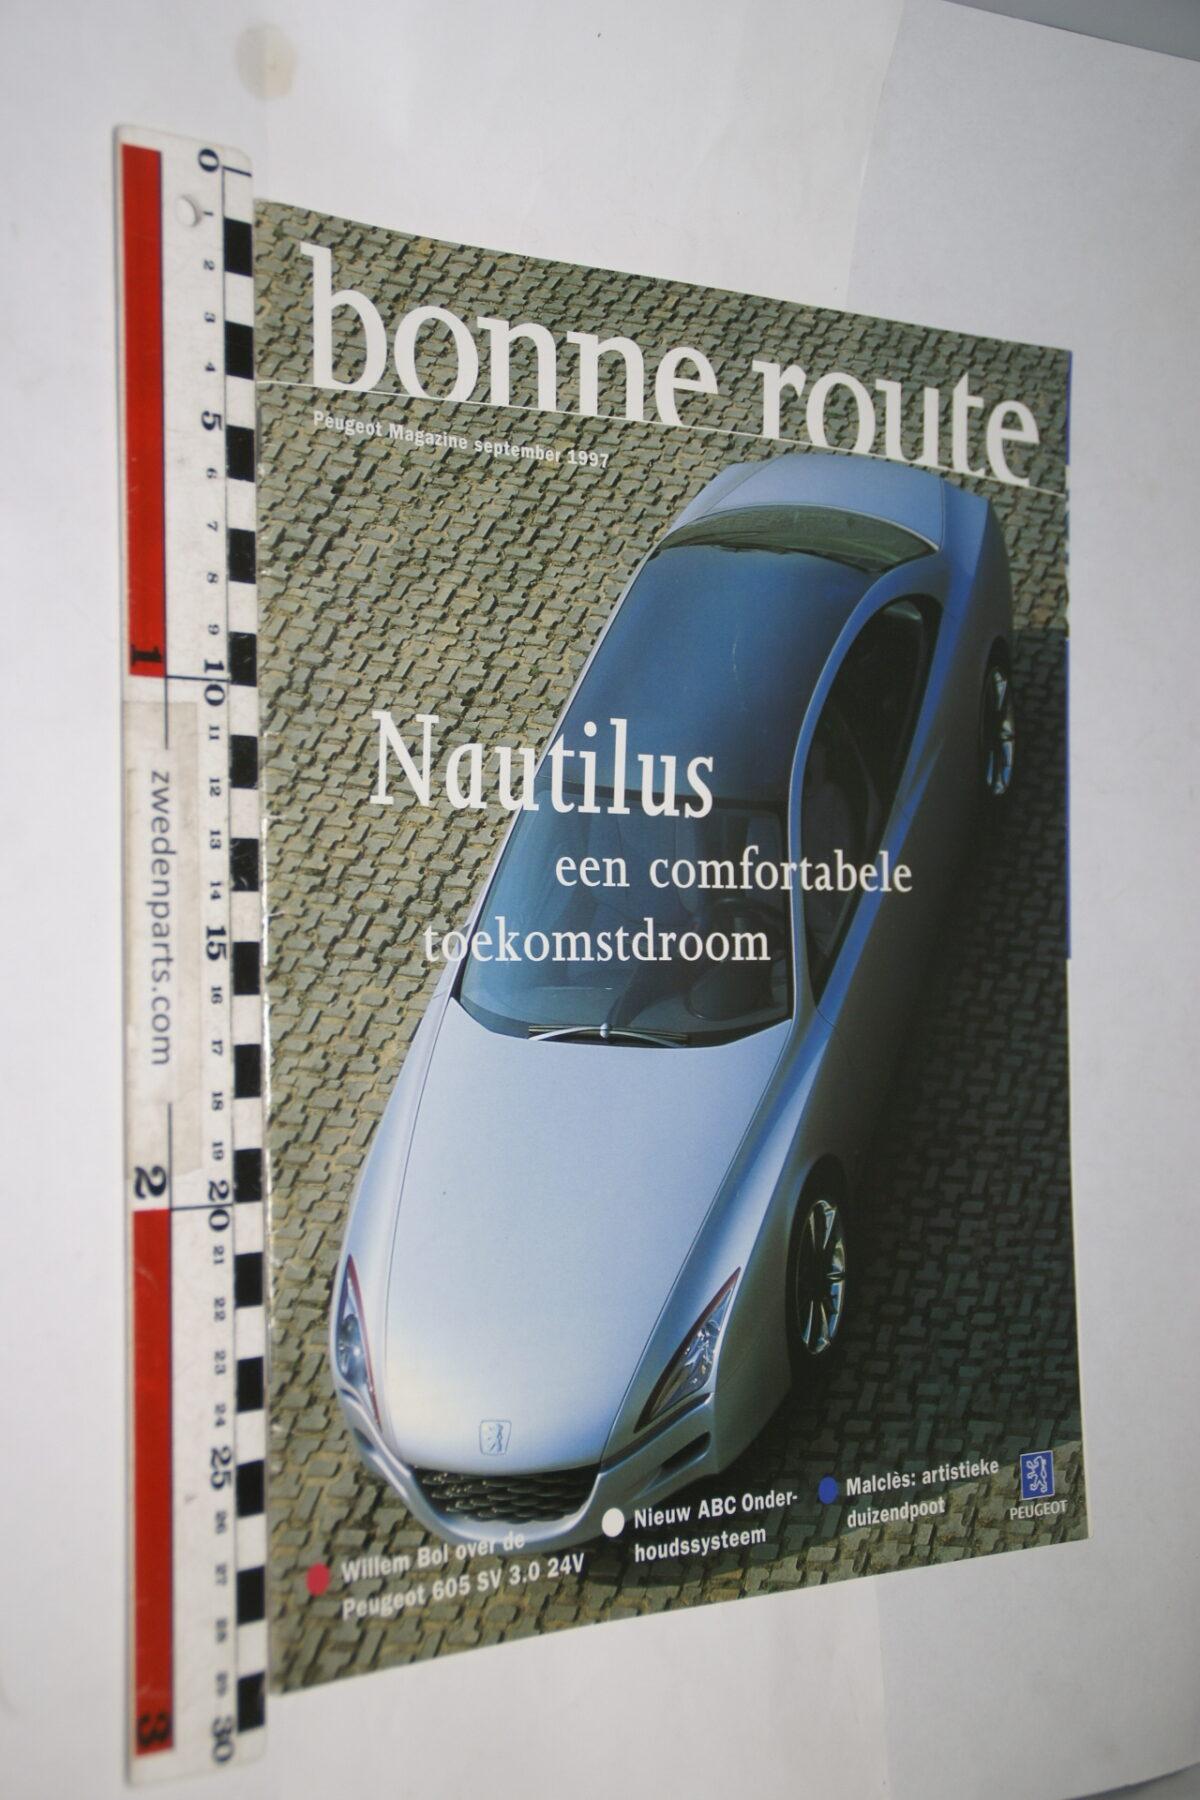 DSC08391 1997 september origineel tijdschrift Bonne Route met Renault Nautilus-88be3d5a